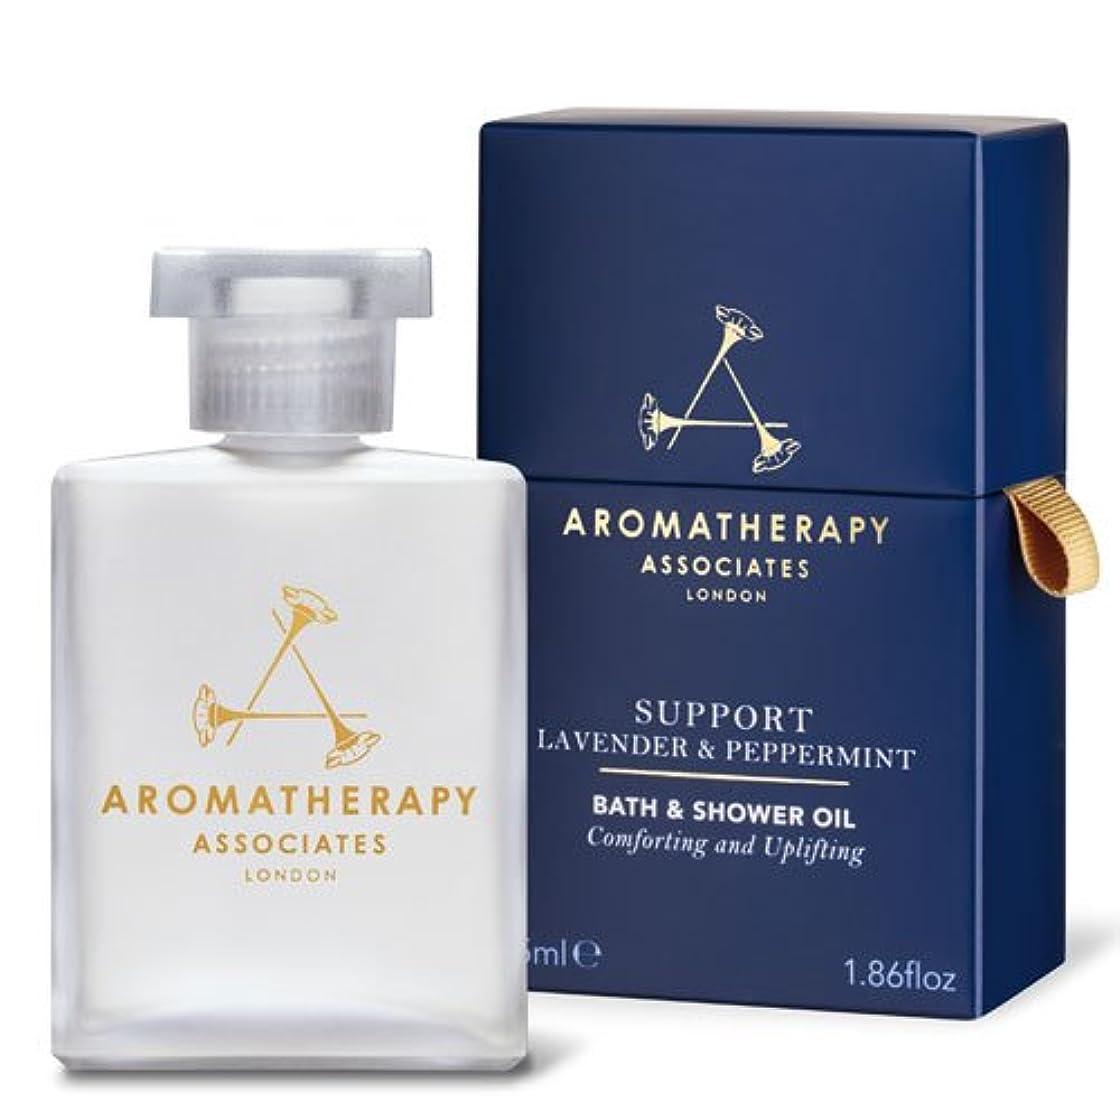 不実バイソンそれらアロマセラピー アソシエイツ Support - Lavender & Peppermint Bath & Shower Oil 55ml/1.86oz